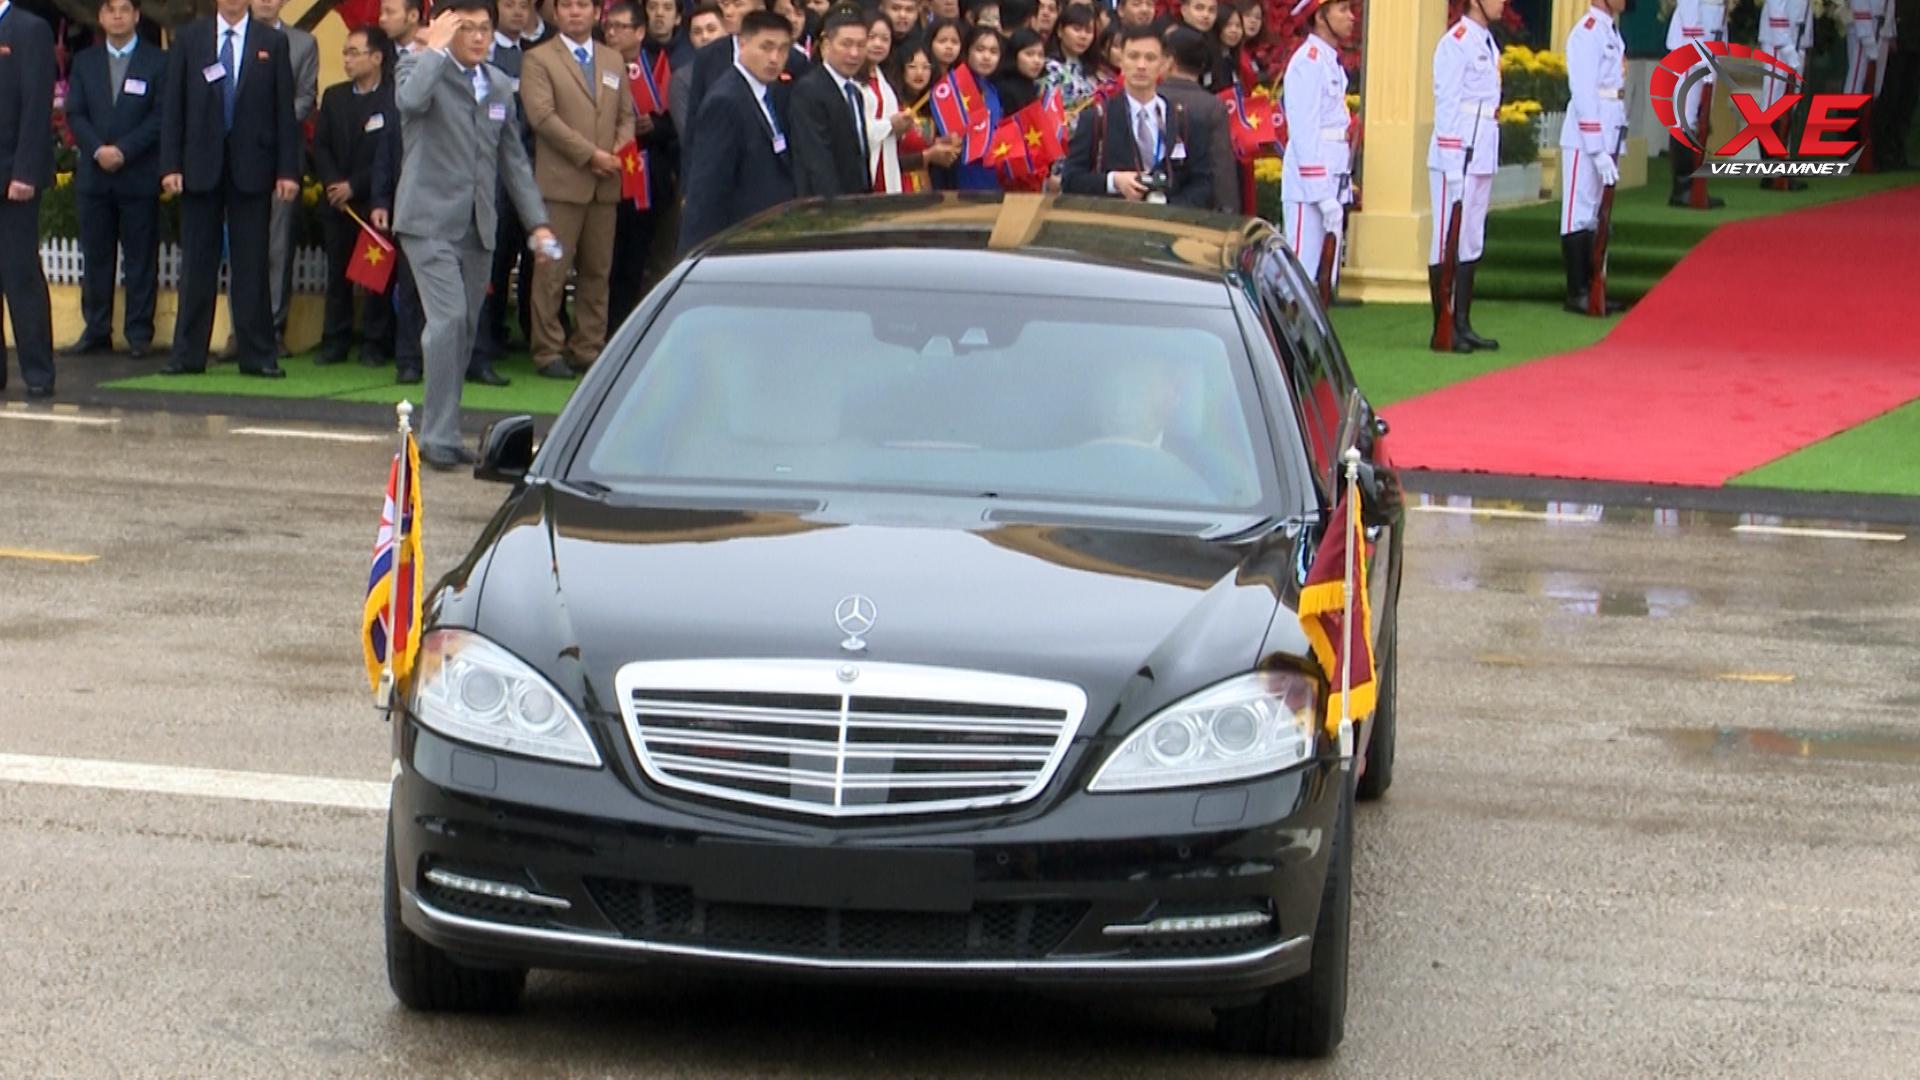 Hành động lạ của tài xế xe bọc thép chở ông Kim Jong-un